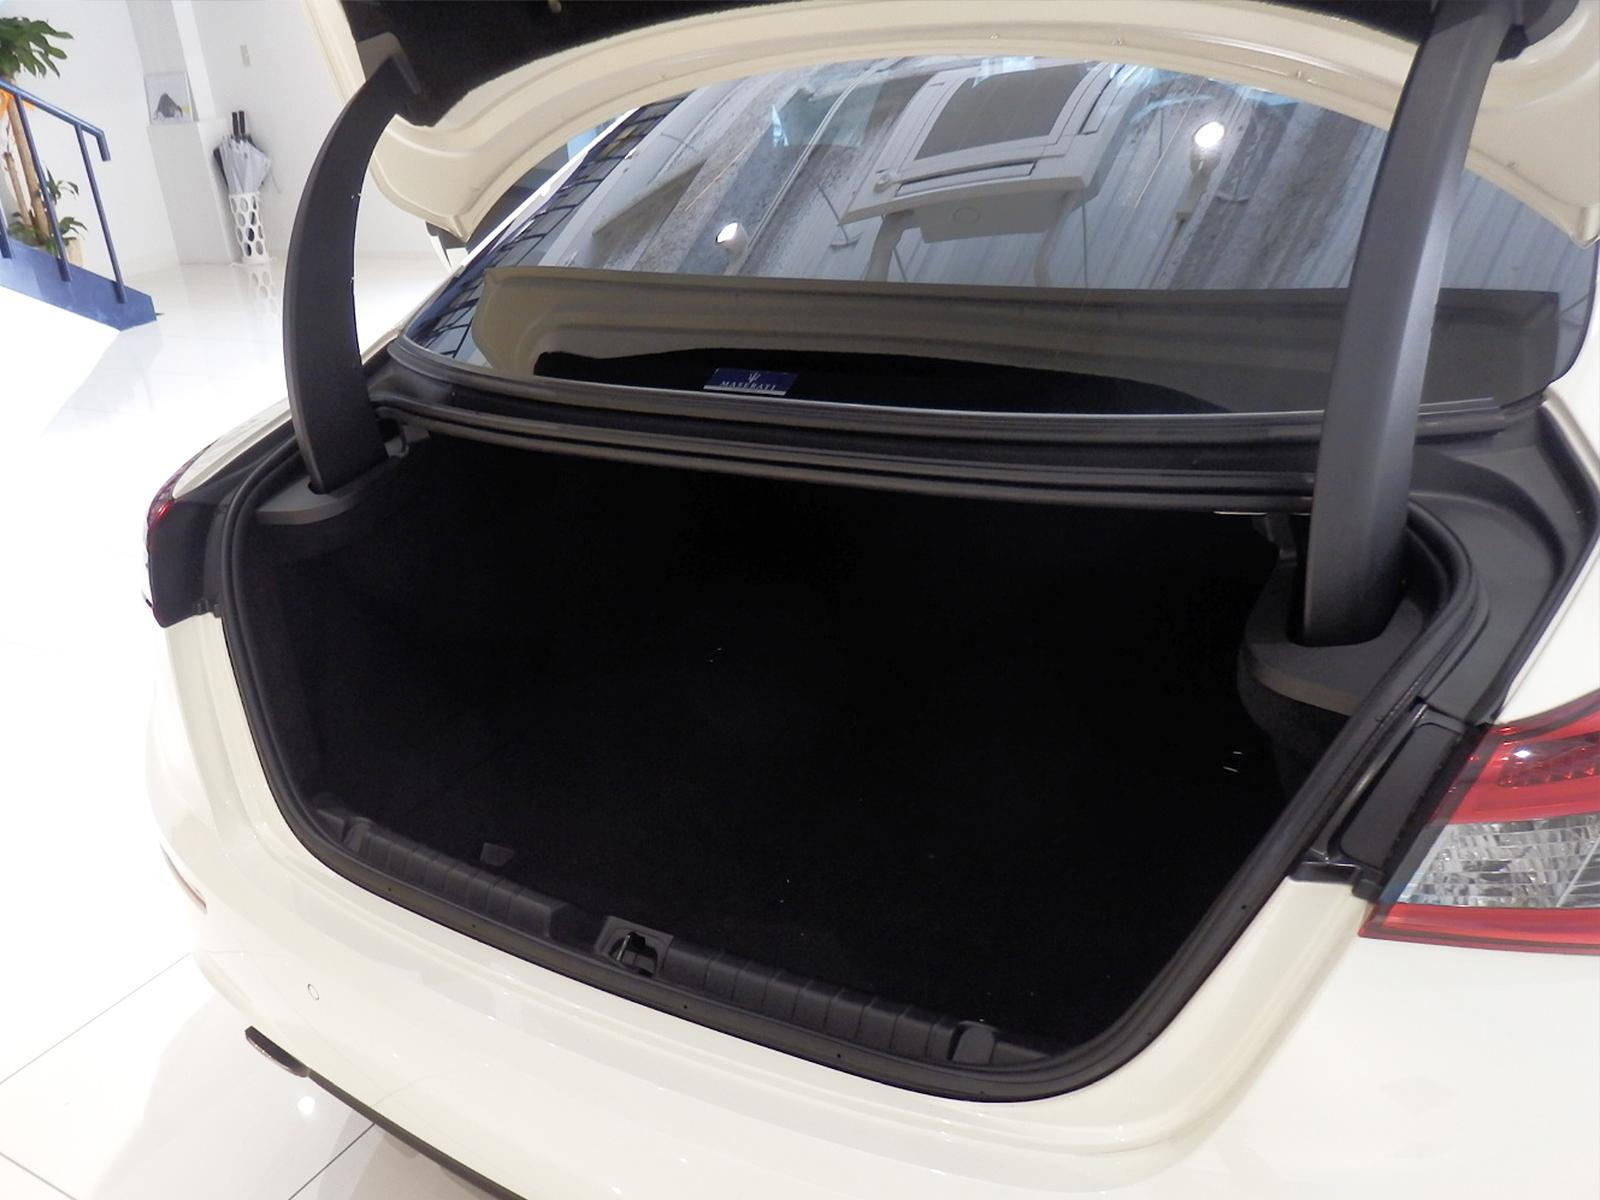 ギブリS Q4 ビアンコ トランク